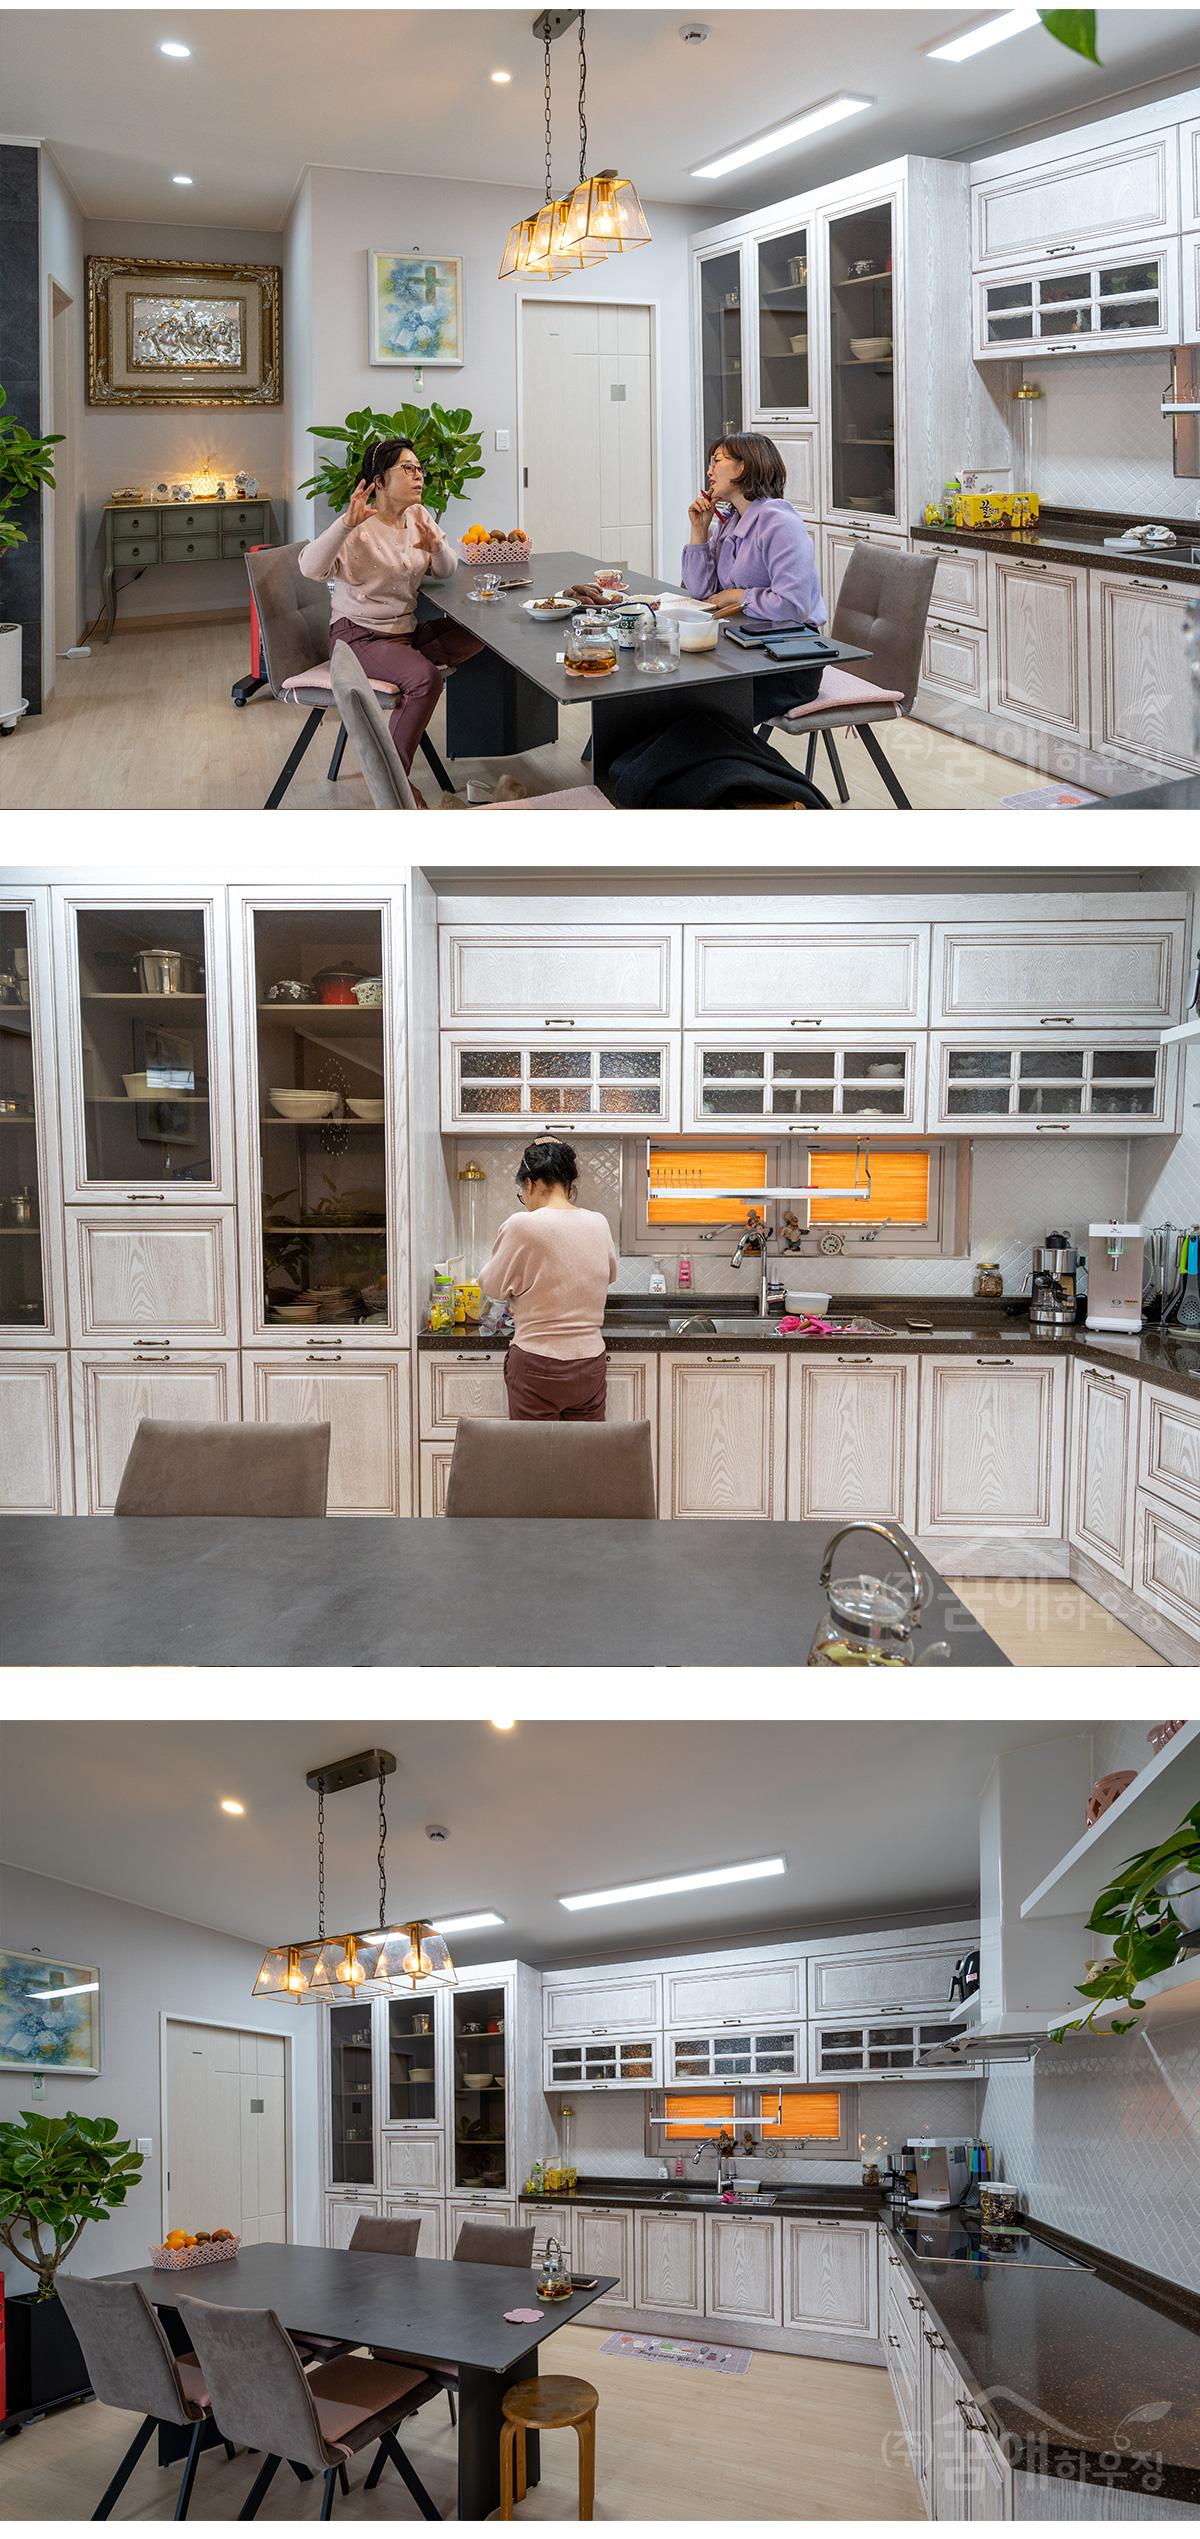 004_kitchen_인천강화_김00_02.jpg